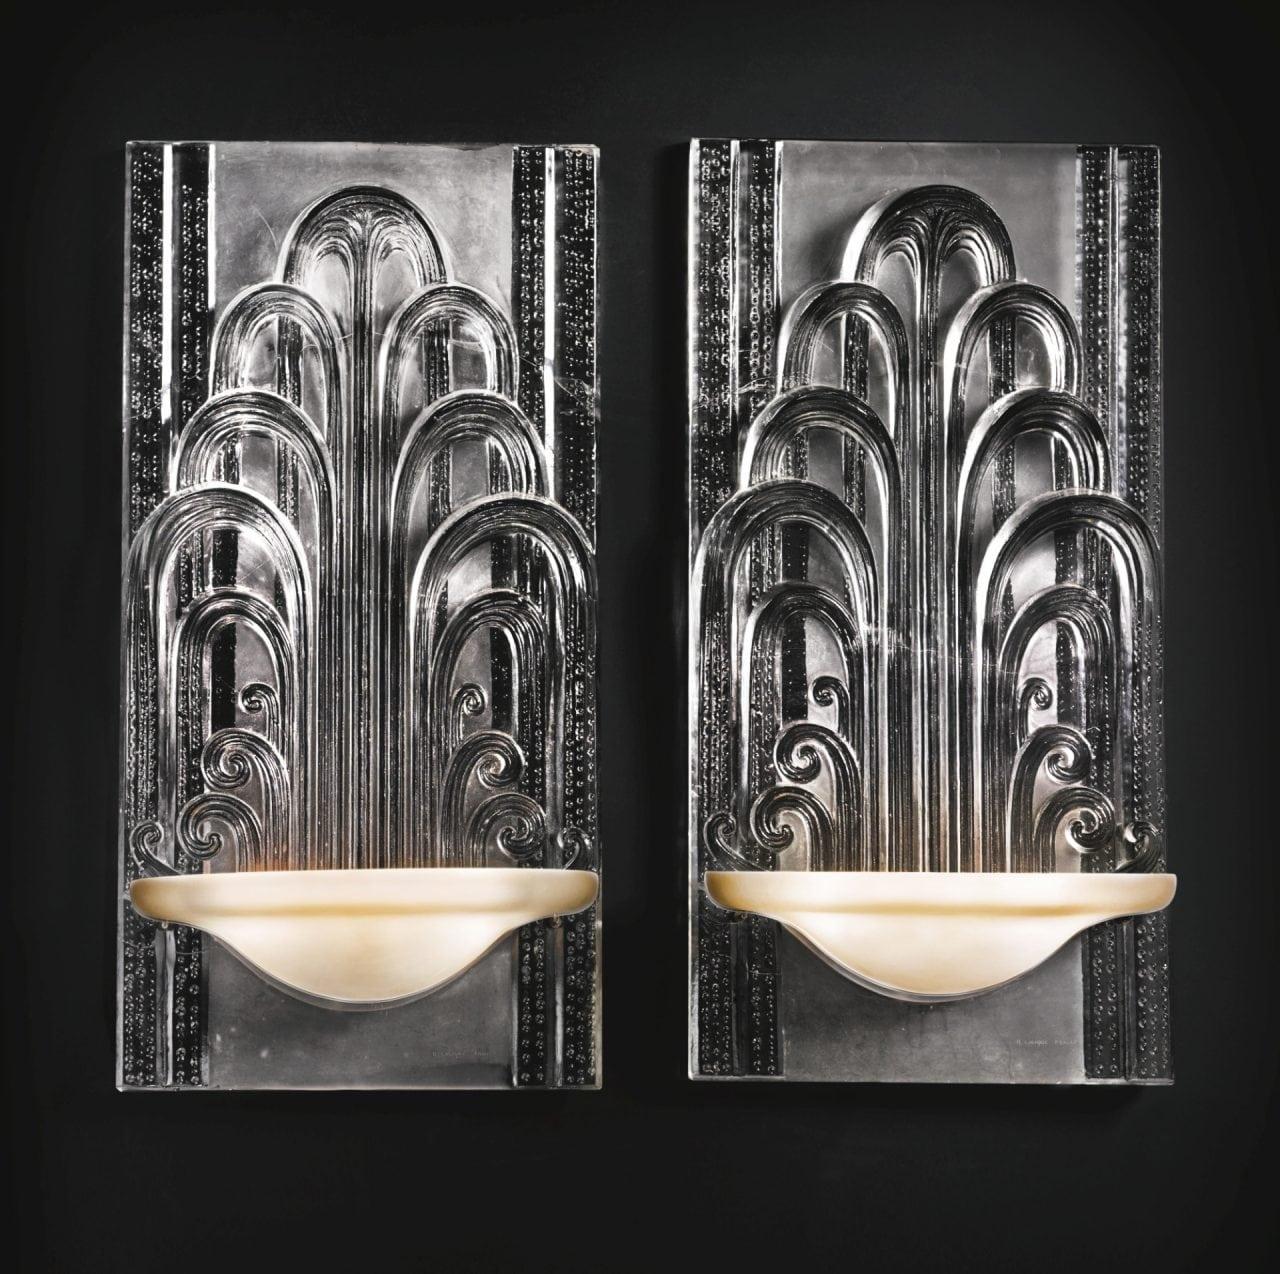 240N09155 7HFWC - Opera cu care casa Lalique onoreaza arhitectura